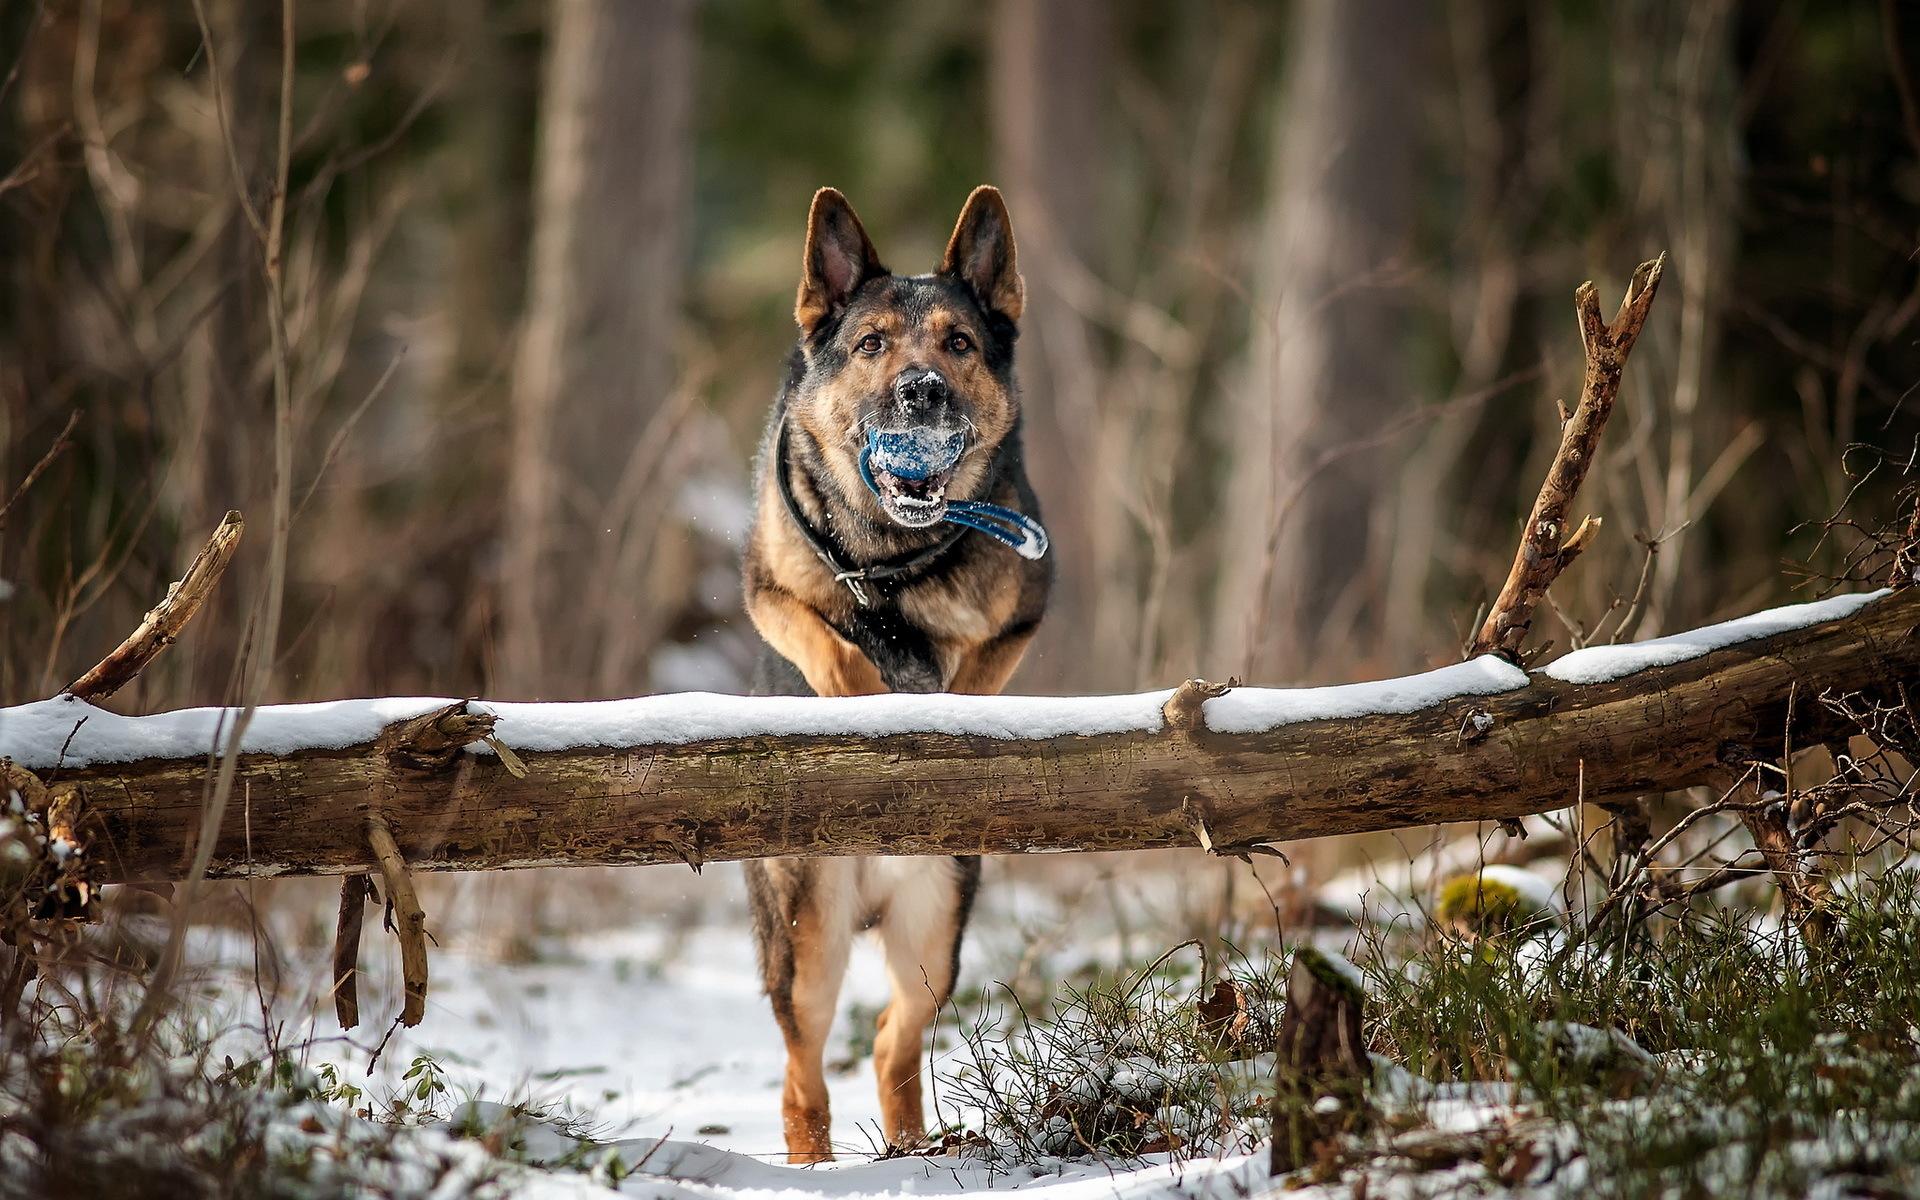 пёс язык собака на бревне  № 2524060 загрузить